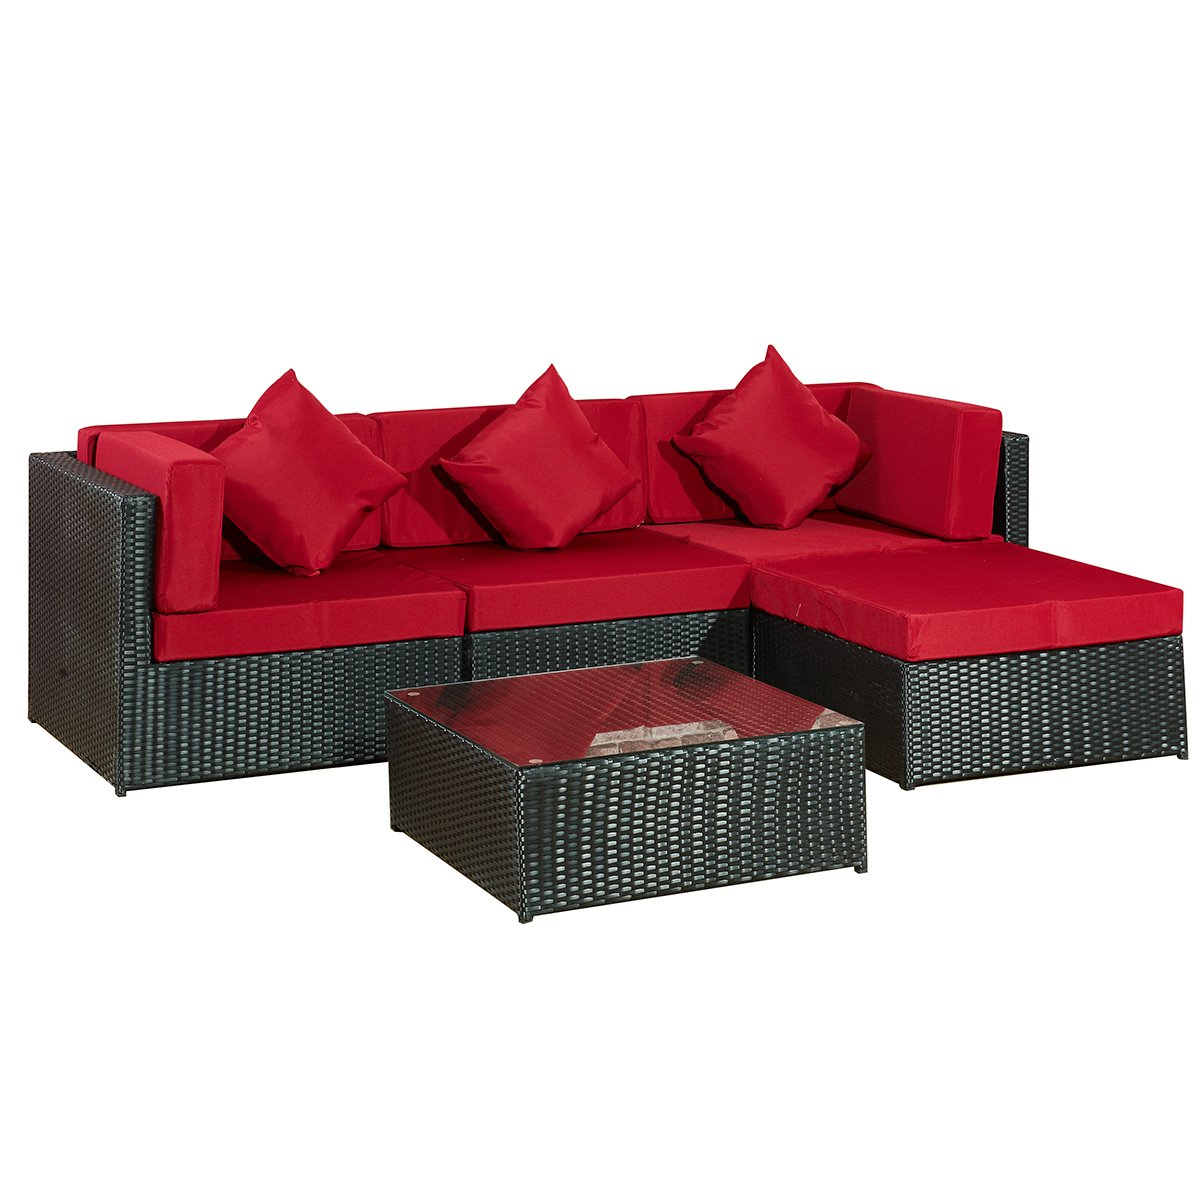 Gartenmoebel Bergen II schwarz-rot aus Stahl Garten Polyrattan Rattan Lounge Set Neu Gartenausstattung von Jet-Line günstig kaufen